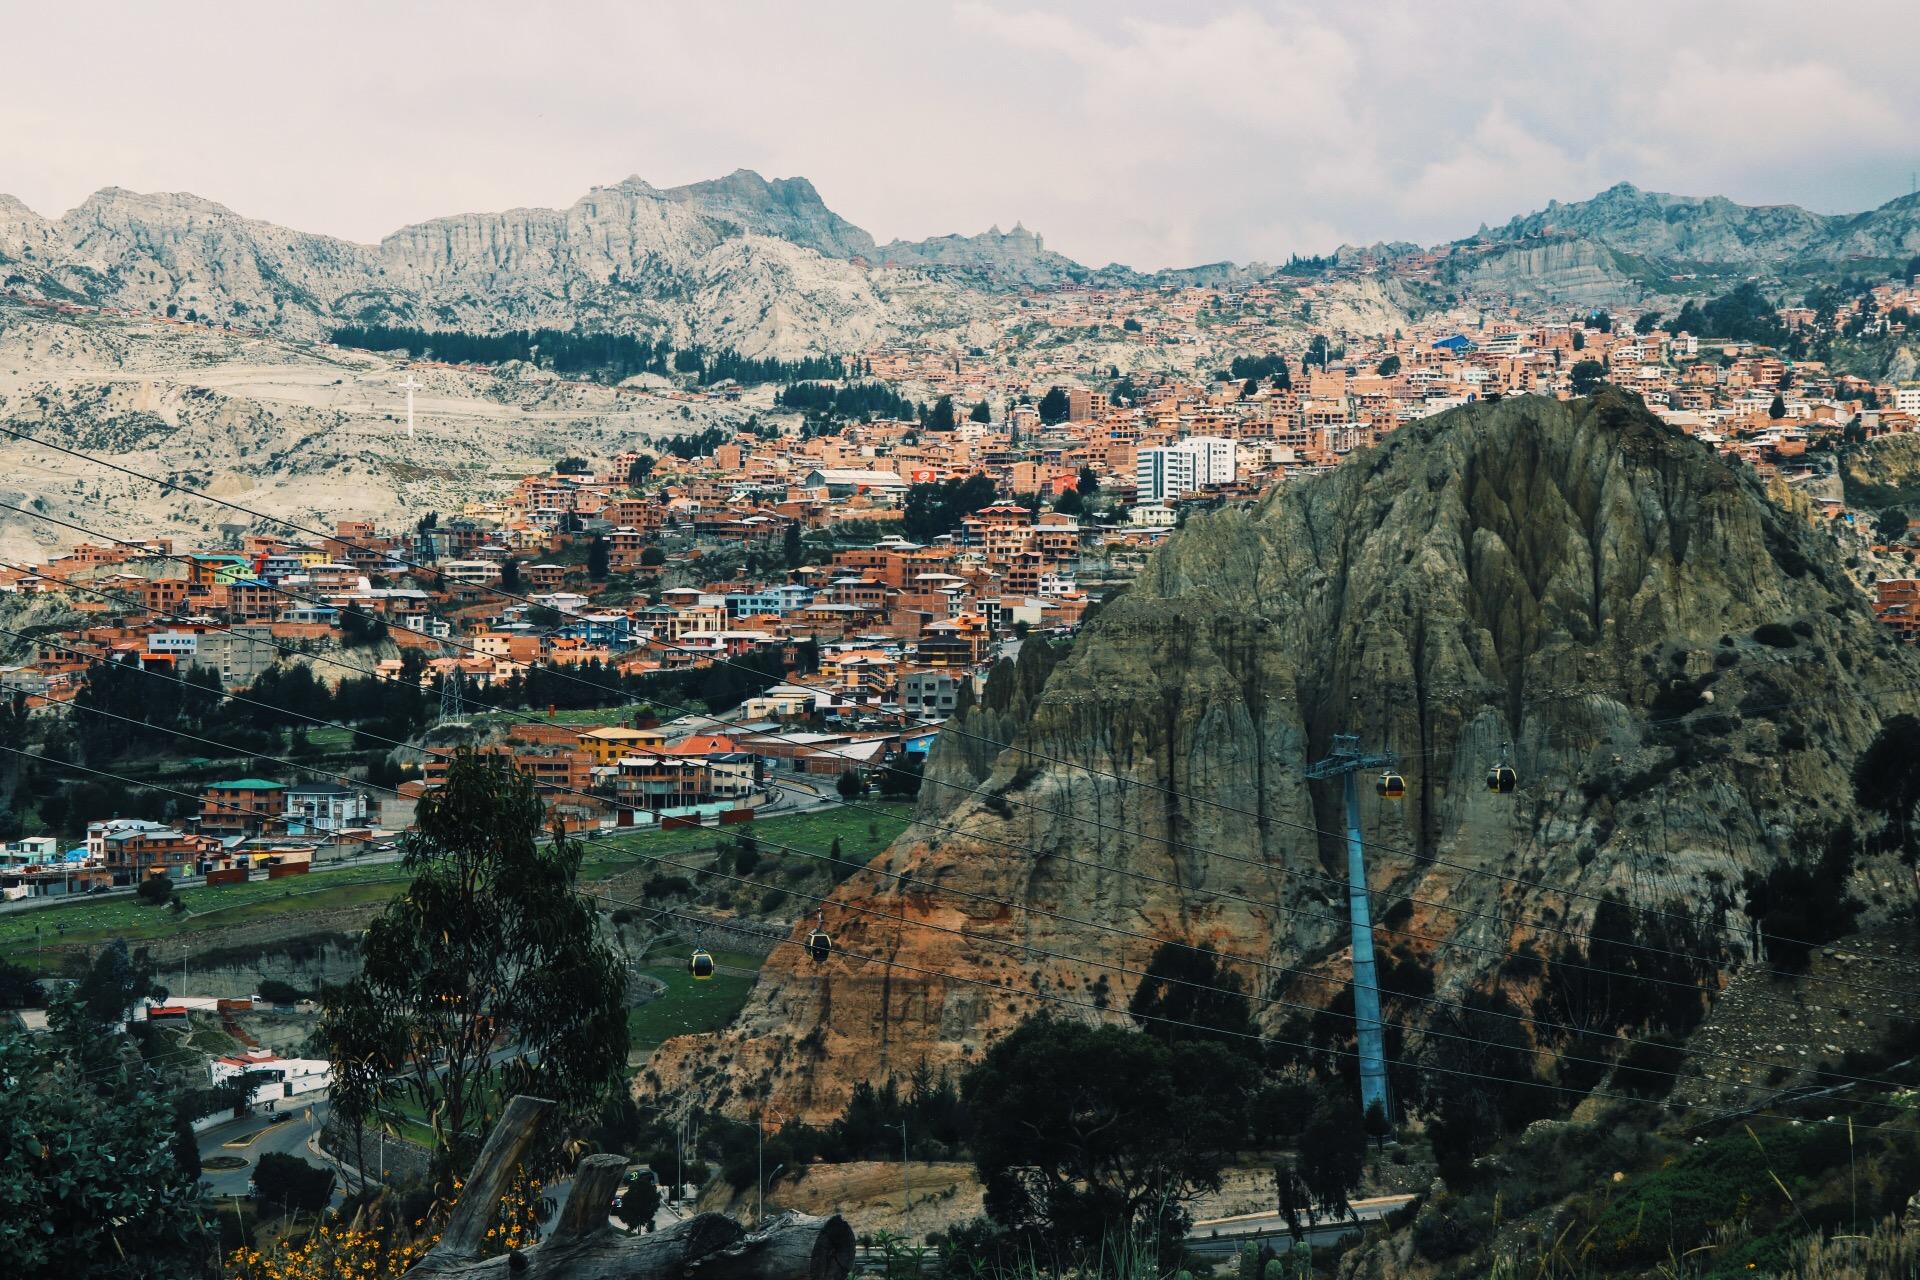 Beautiful Rock formations in La Paz.